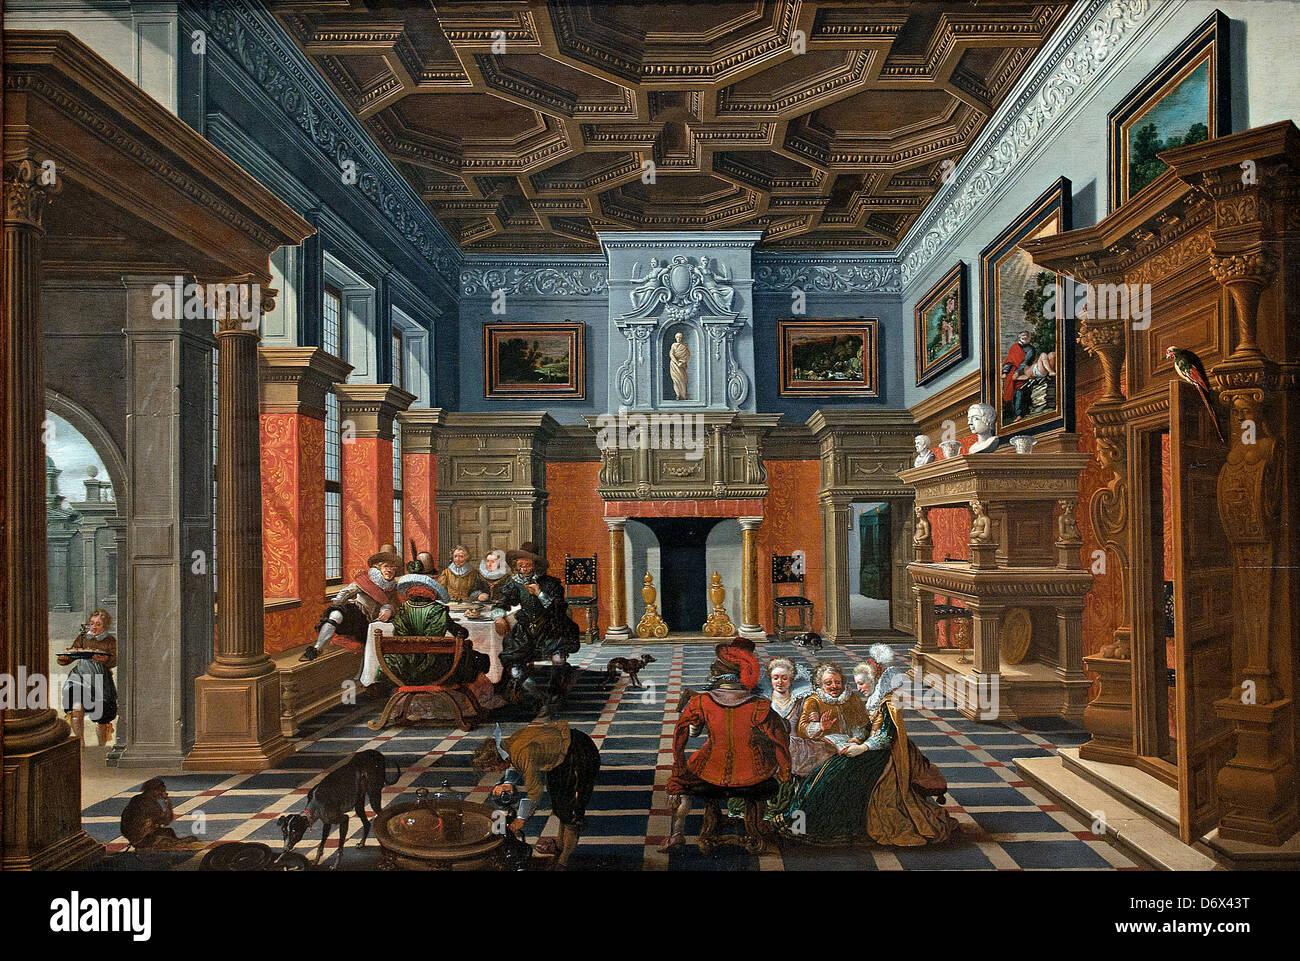 Esaias Van De Velde Stockfotos & Esaias Van De Velde Bilder - Alamy